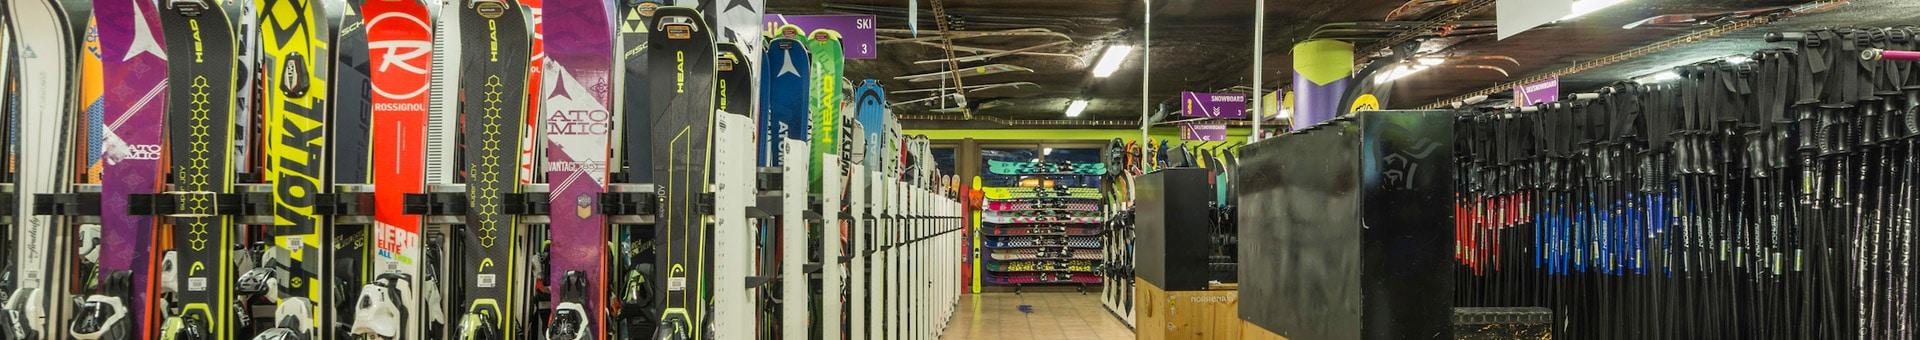 Ski rental in Arinsal Vallnord – Sant Moritz